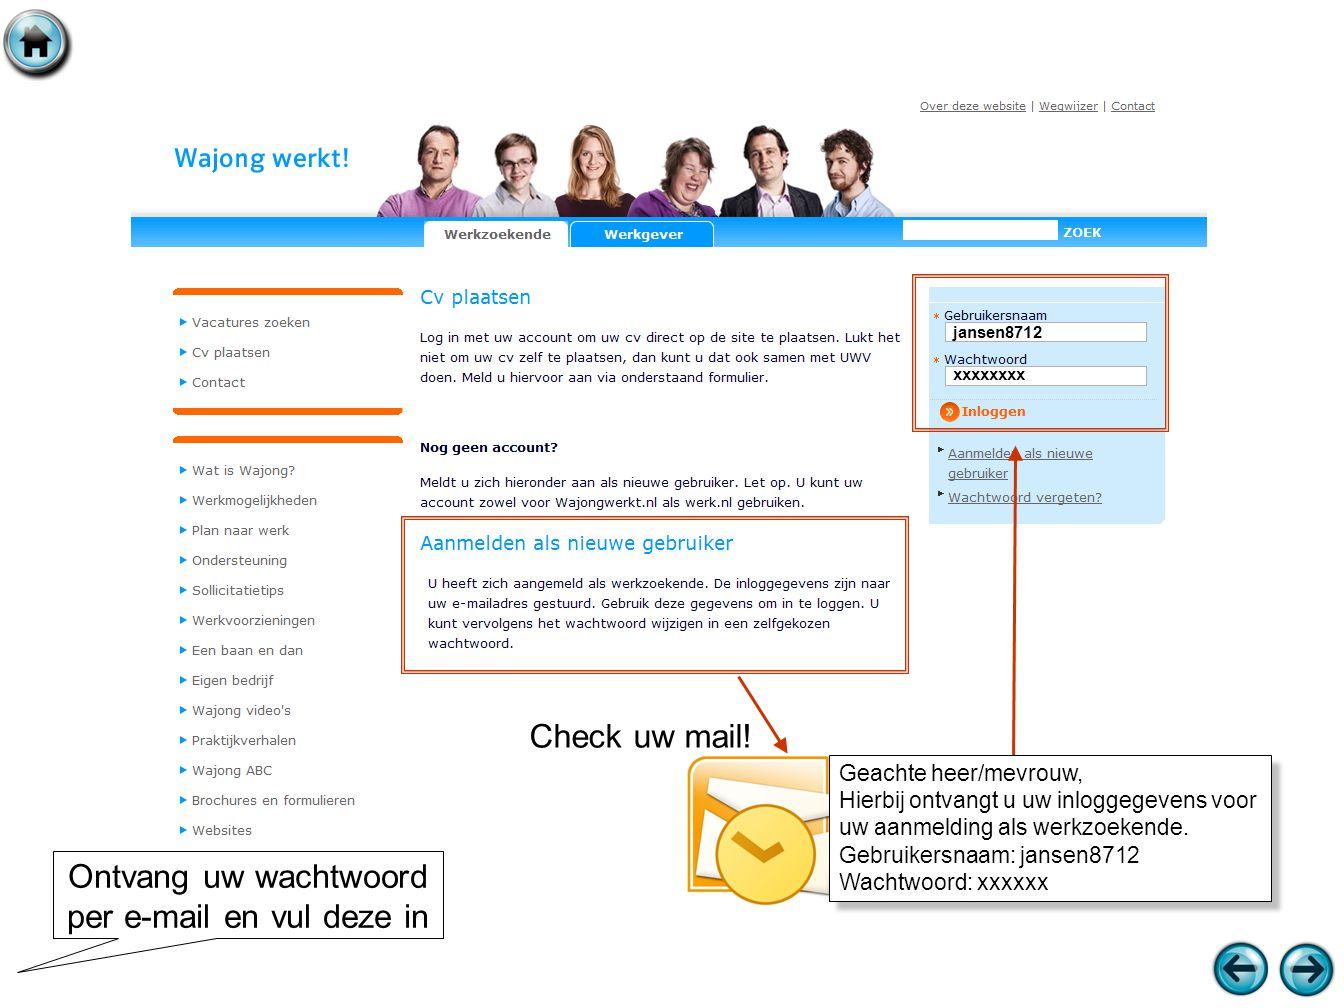 Ontvang uw wachtwoord per e-mail en vul deze in